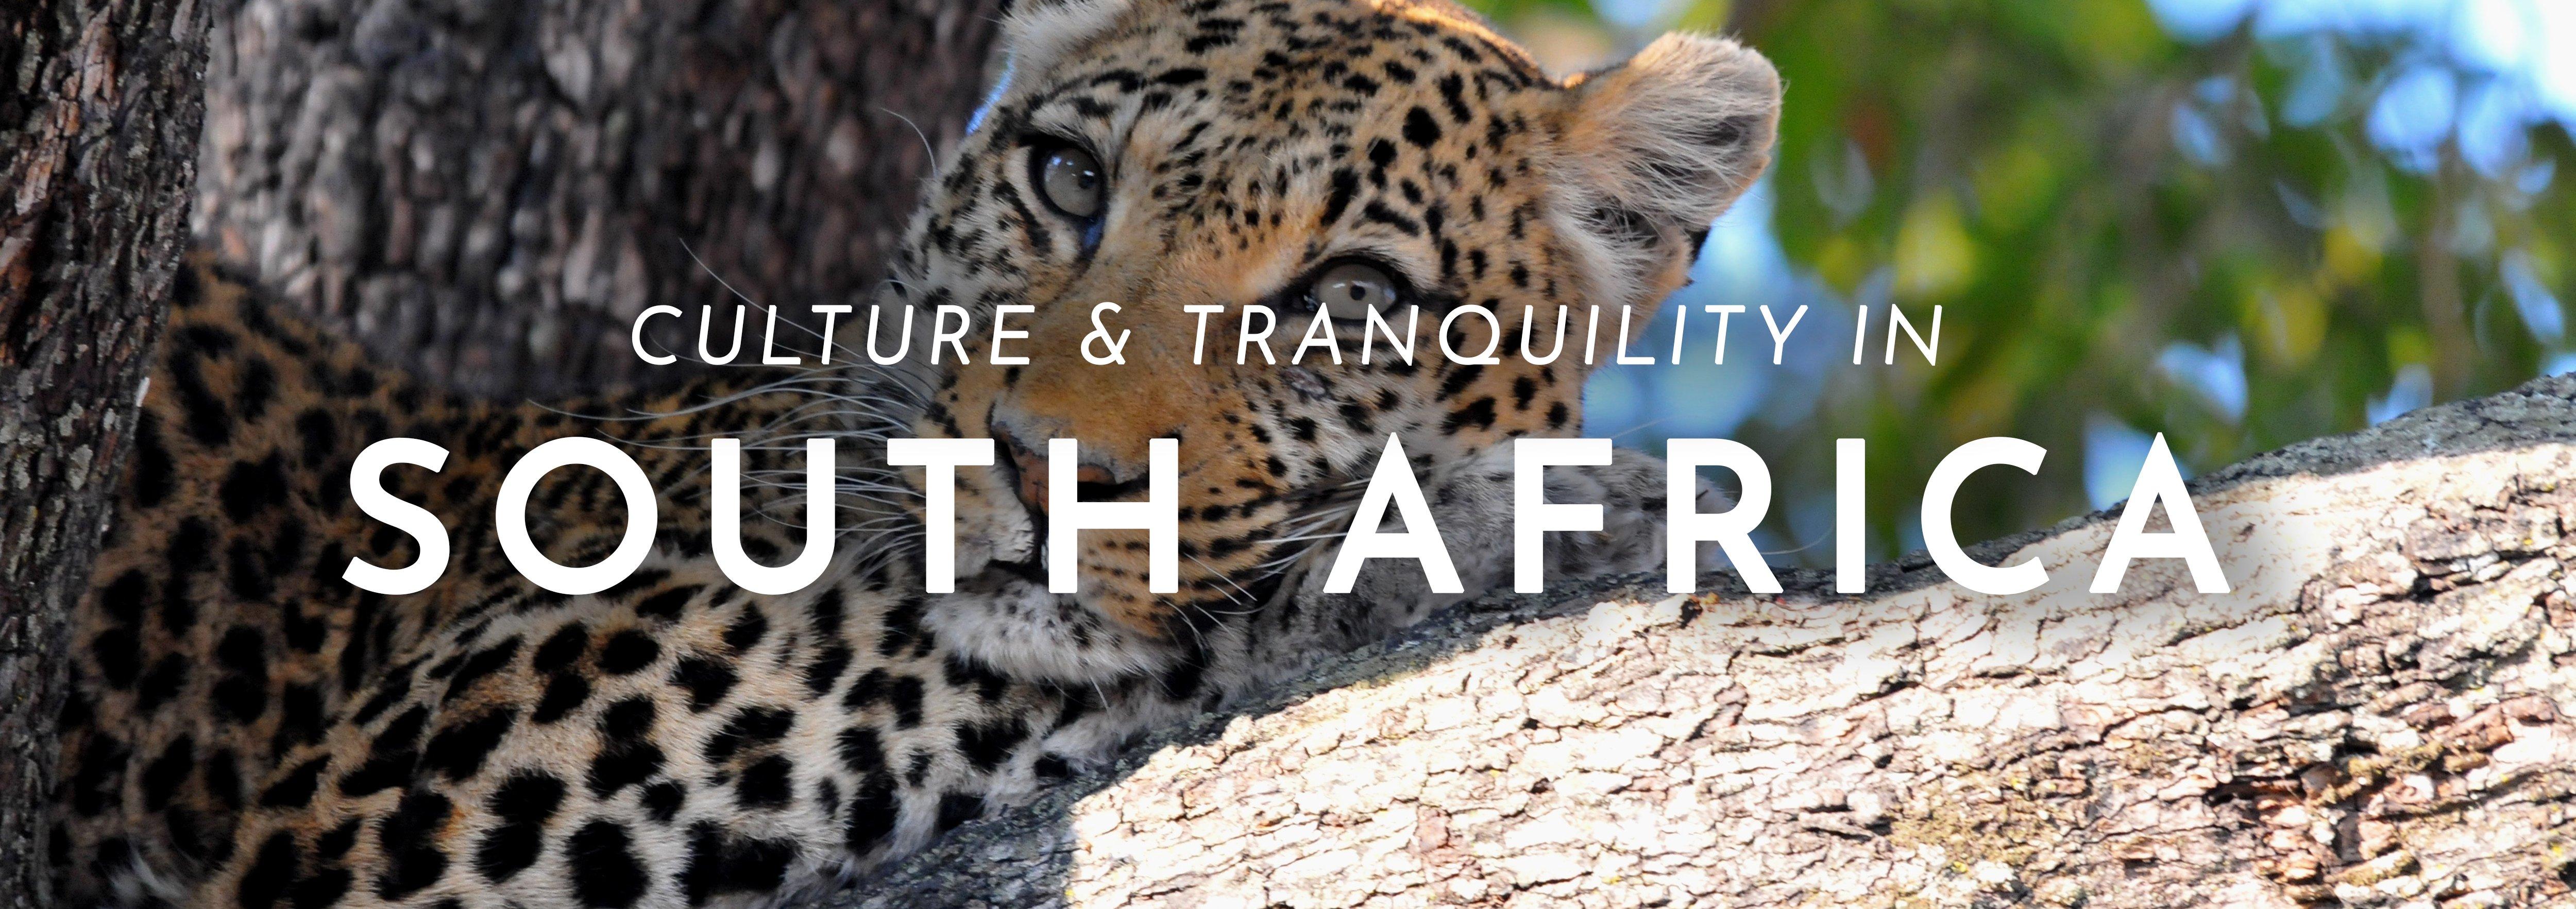 SouthAfricaHeader-1